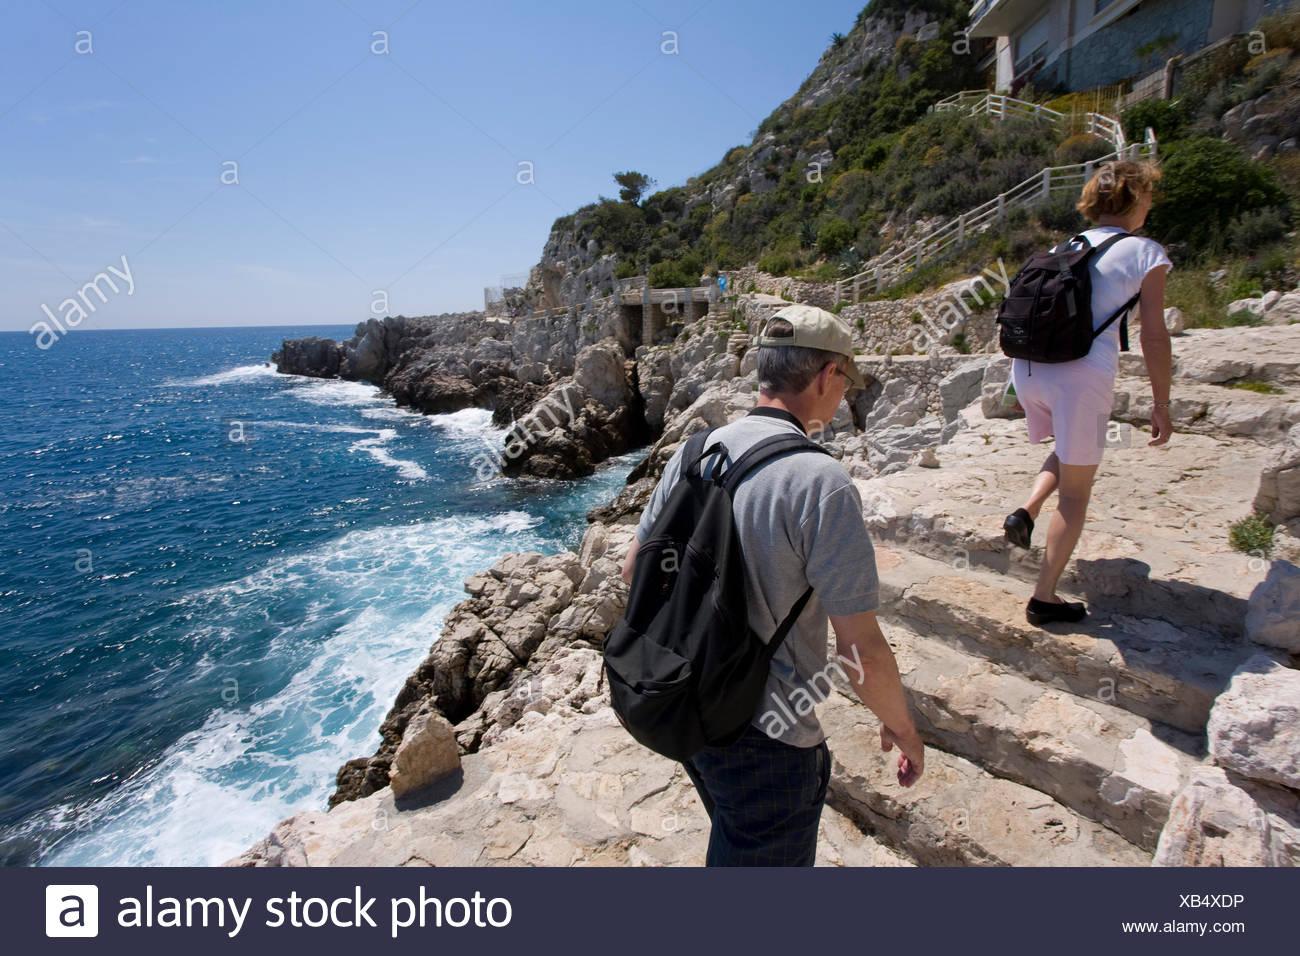 Pedestrians on the Sentier du Bord de Mer coastal path, Nice, Cote d'Azur, France - Stock Image